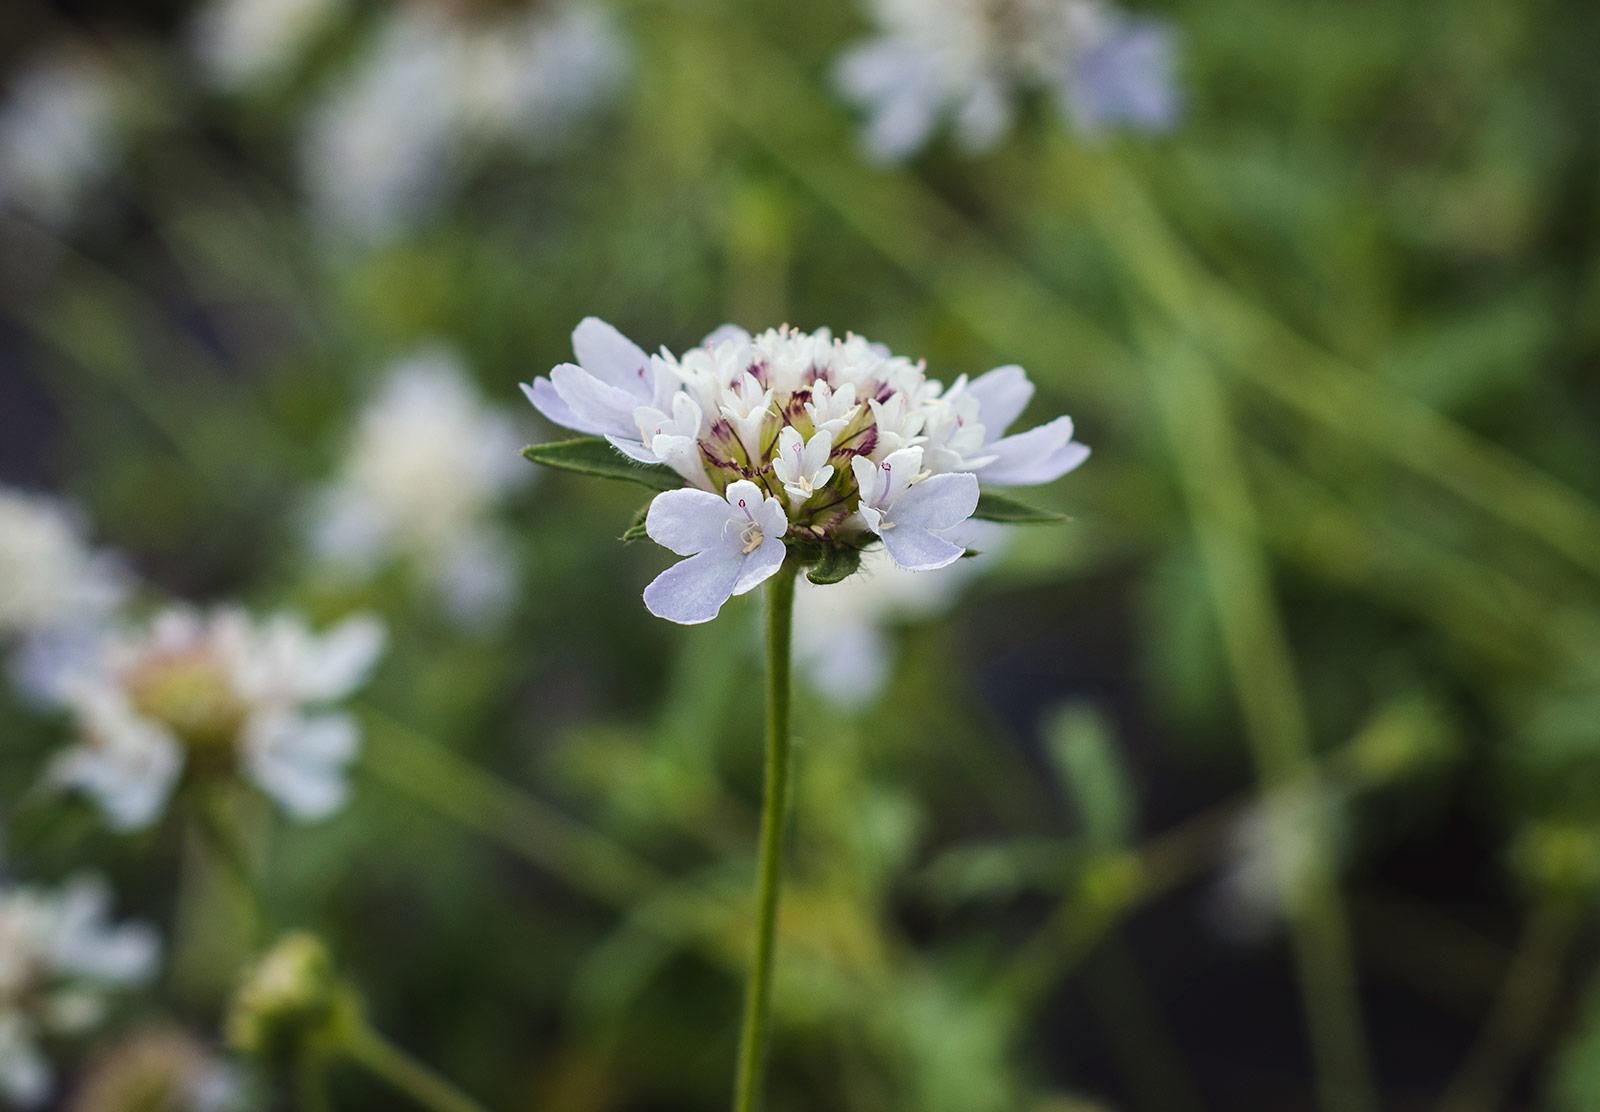 Pale blue petals